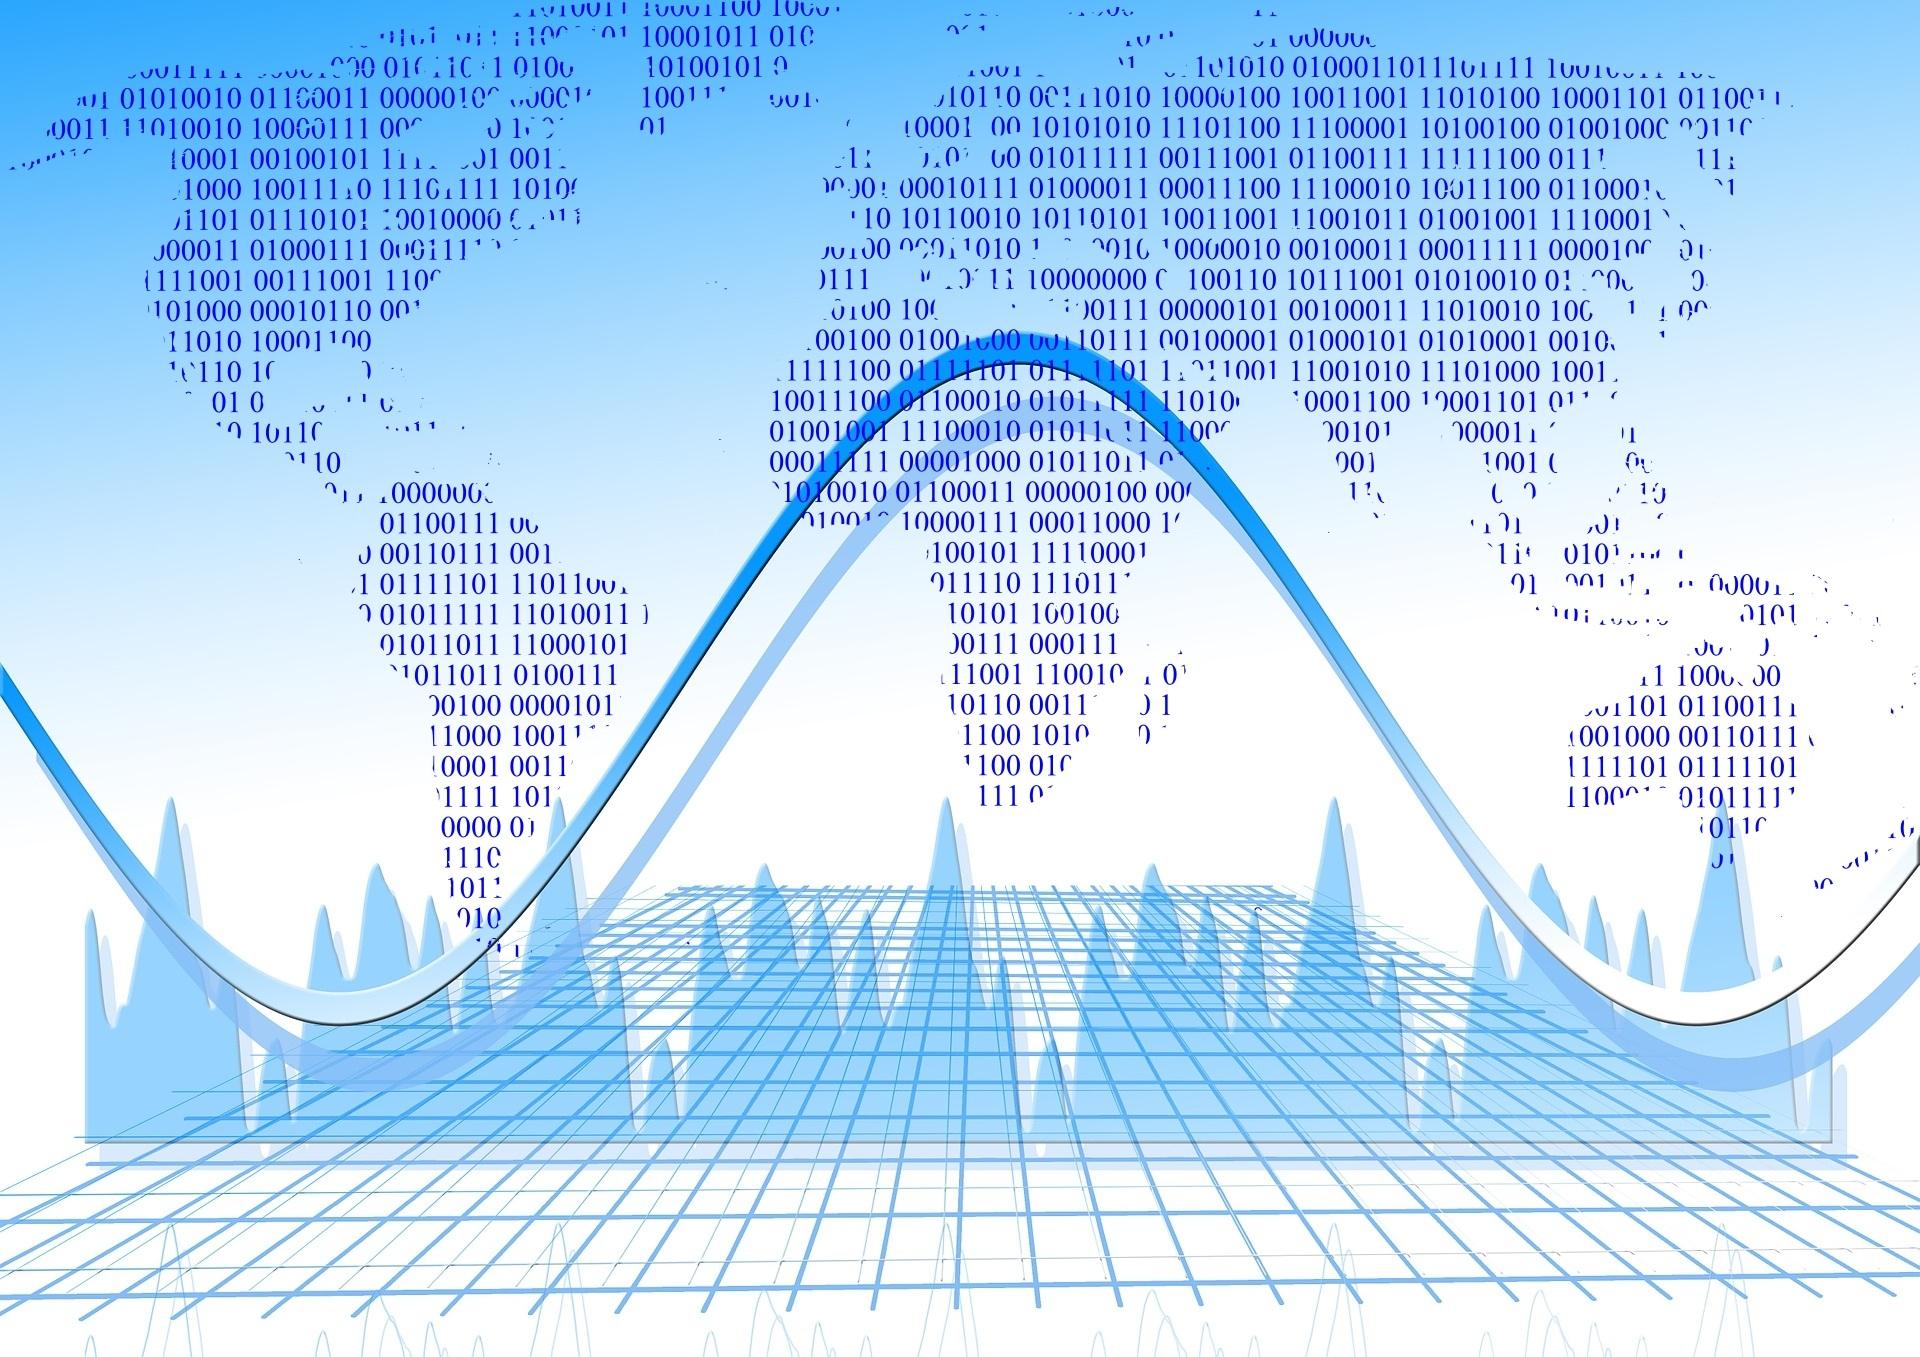 análisis de datos, big data analytics, data brokers, big data jobs, data analysis, analizar datos, corredor de datos